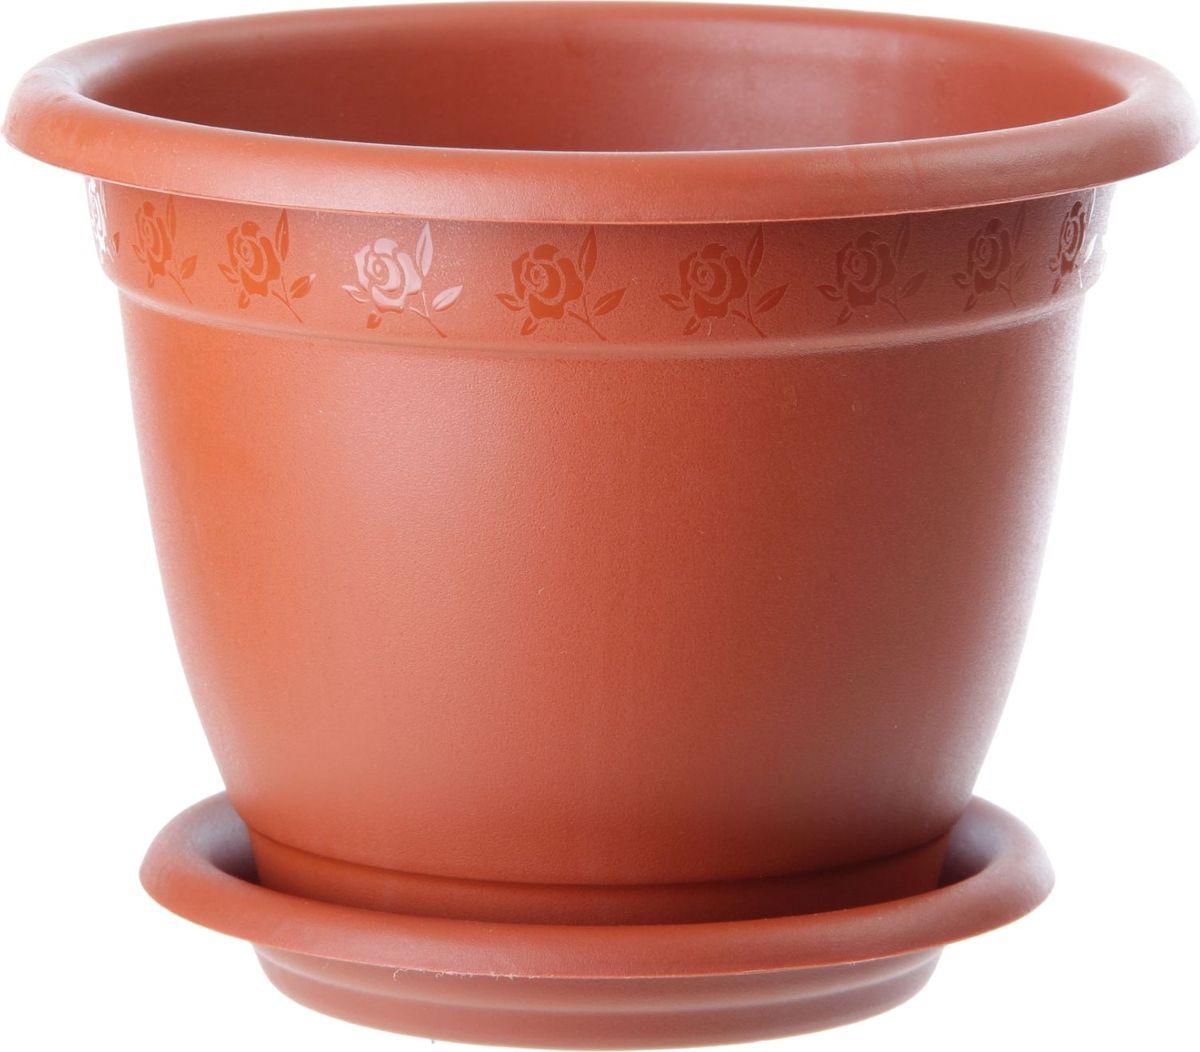 """Любой, даже самый современный и продуманный интерьер будет не завершенным без растений. Они не только очищают воздух и насыщают его кислородом, но и заметно украшают окружающее пространство. Такому полезному члену семьи просто необходимо красивое и функциональное кашпо, оригинальный горшок или необычная ваза! Мы предлагаем - Горшок для цветов d=19 см """"Борнео"""" 3 л, с подставкой, цвет терракотовый! Оптимальный выбор материала - это пластмасса! Почему мы так считаем? Малый вес. С легкостью переносите горшки и кашпо с места на место, ставьте их на столики или полки, подвешивайте под потолок, не беспокоясь о нагрузке. Простота ухода. Пластиковые изделия не нуждаются в специальных условиях хранения. Их легко чистить достаточно просто сполоснуть теплой водой. Никаких царапин. Пластиковые кашпо не царапают и не загрязняют поверхности, на которых стоят. Пластик дольше хранит влагу, а значит растение реже нуждается в поливе. Пластмасса не пропускает воздух корневой системе растения не грозят резкие перепады температур. Огромный выбор форм, декора и расцветок вы без труда подберете что-то, что идеально впишется в уже существующий интерьер. Соблюдая нехитрые правила ухода, вы можете заметно продлить срок службы горшков, вазонов и кашпо из пластика: всегда учитывайте размер кроны и корневой системы растения (при разрастании большое растение способно повредить маленький горшок) берегите изделие от воздействия прямых солнечных лучей, чтобы кашпо и горшки не выцветали держите кашпо и горшки из пластика подальше от нагревающихся поверхностей. Создавайте прекрасные цветочные композиции, выращивайте рассаду или необычные растения, а низкие цены позволят вам не ограничивать себя в выборе."""